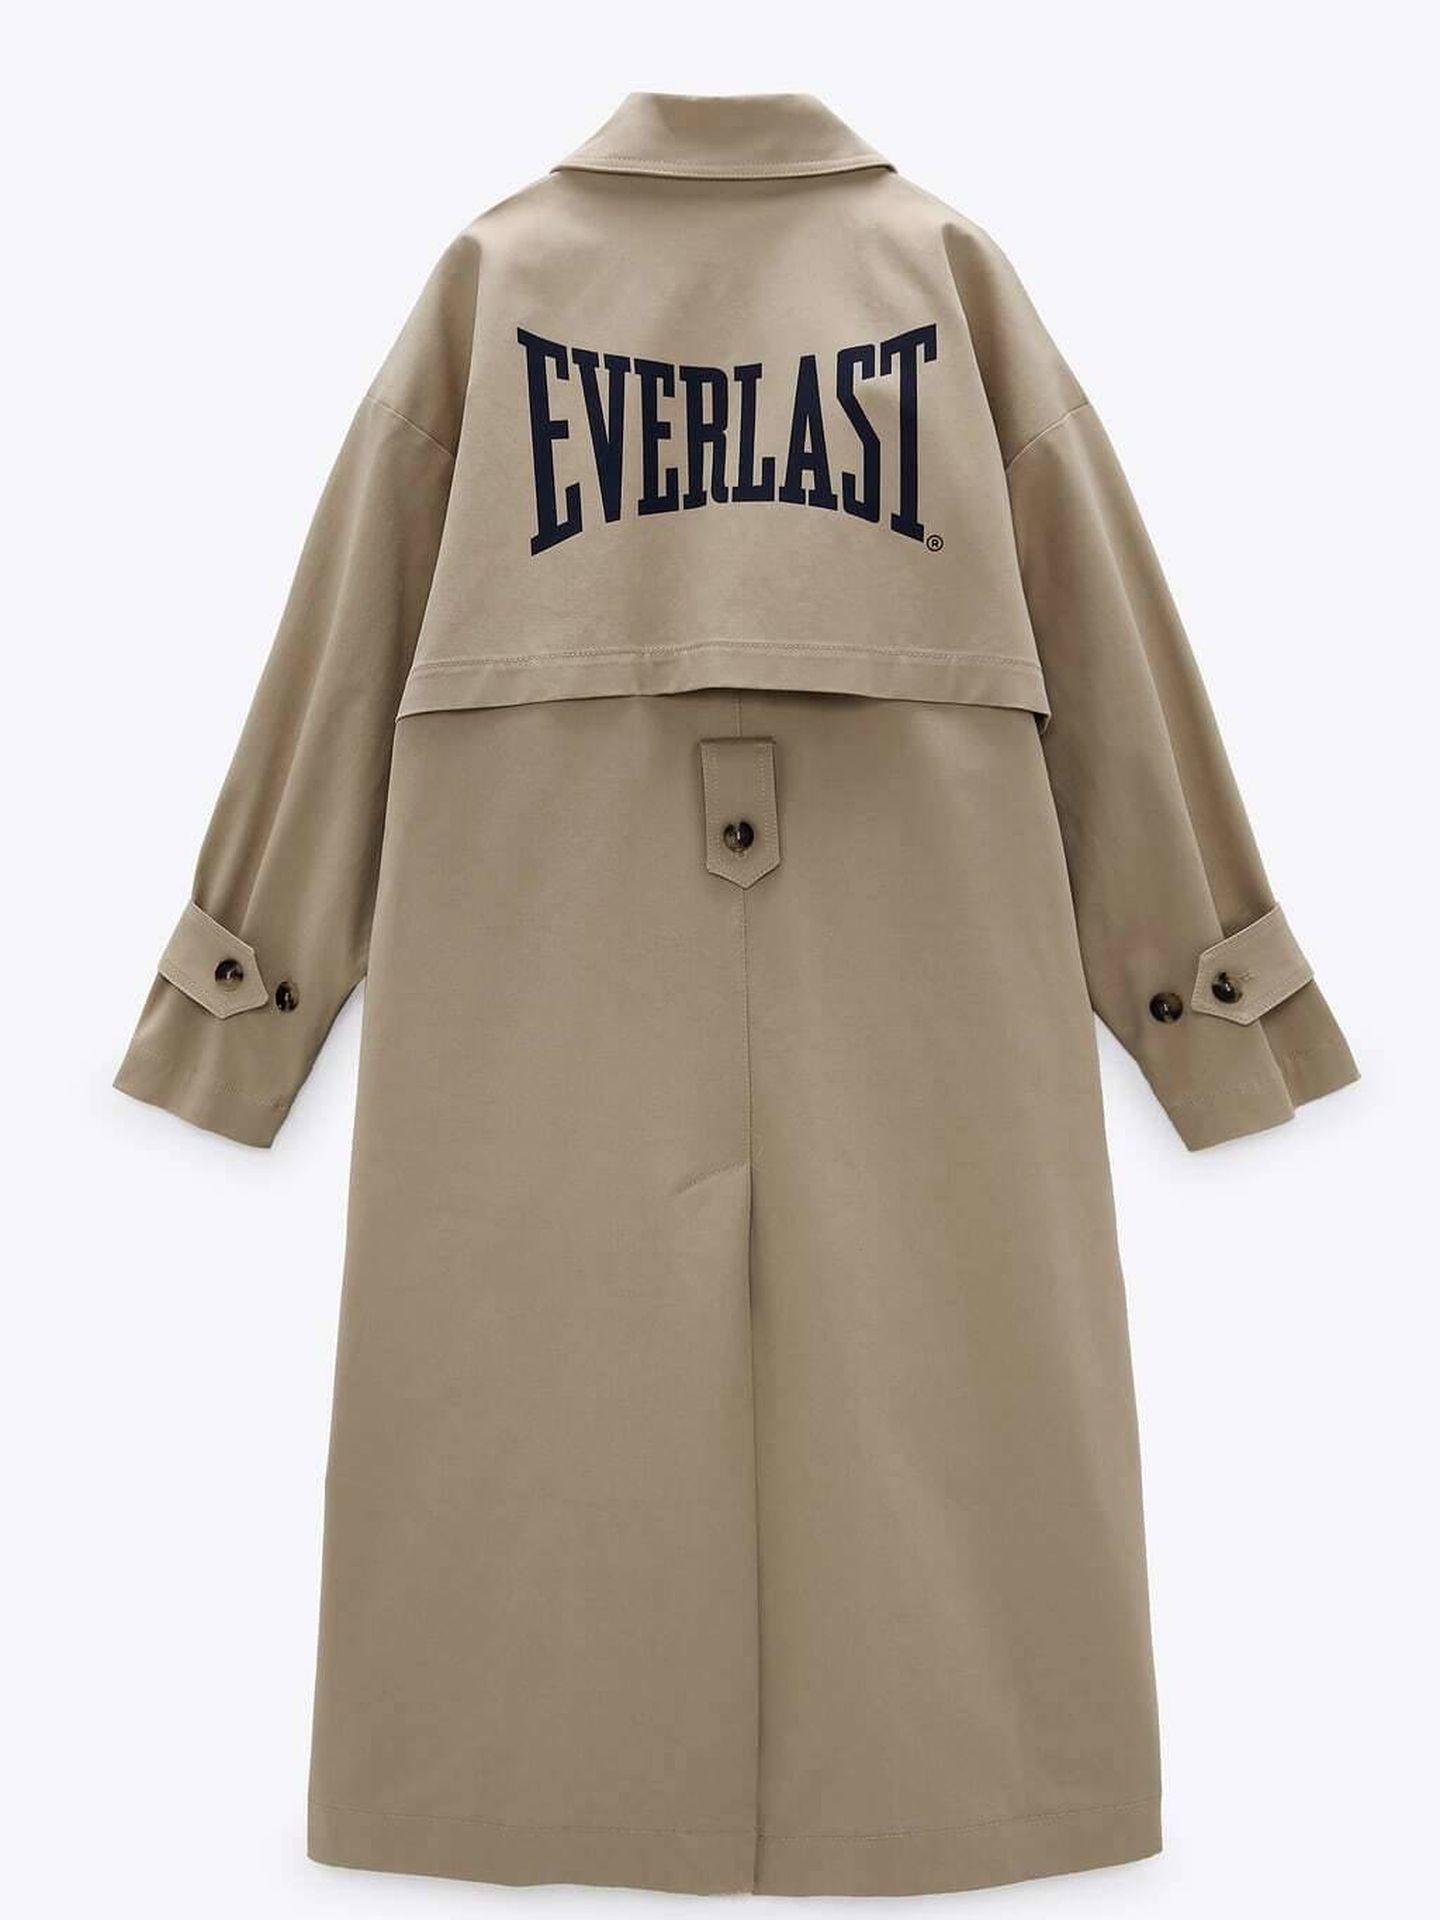 La gabardina de la colección de Zara y Everlast. (Cortesía)